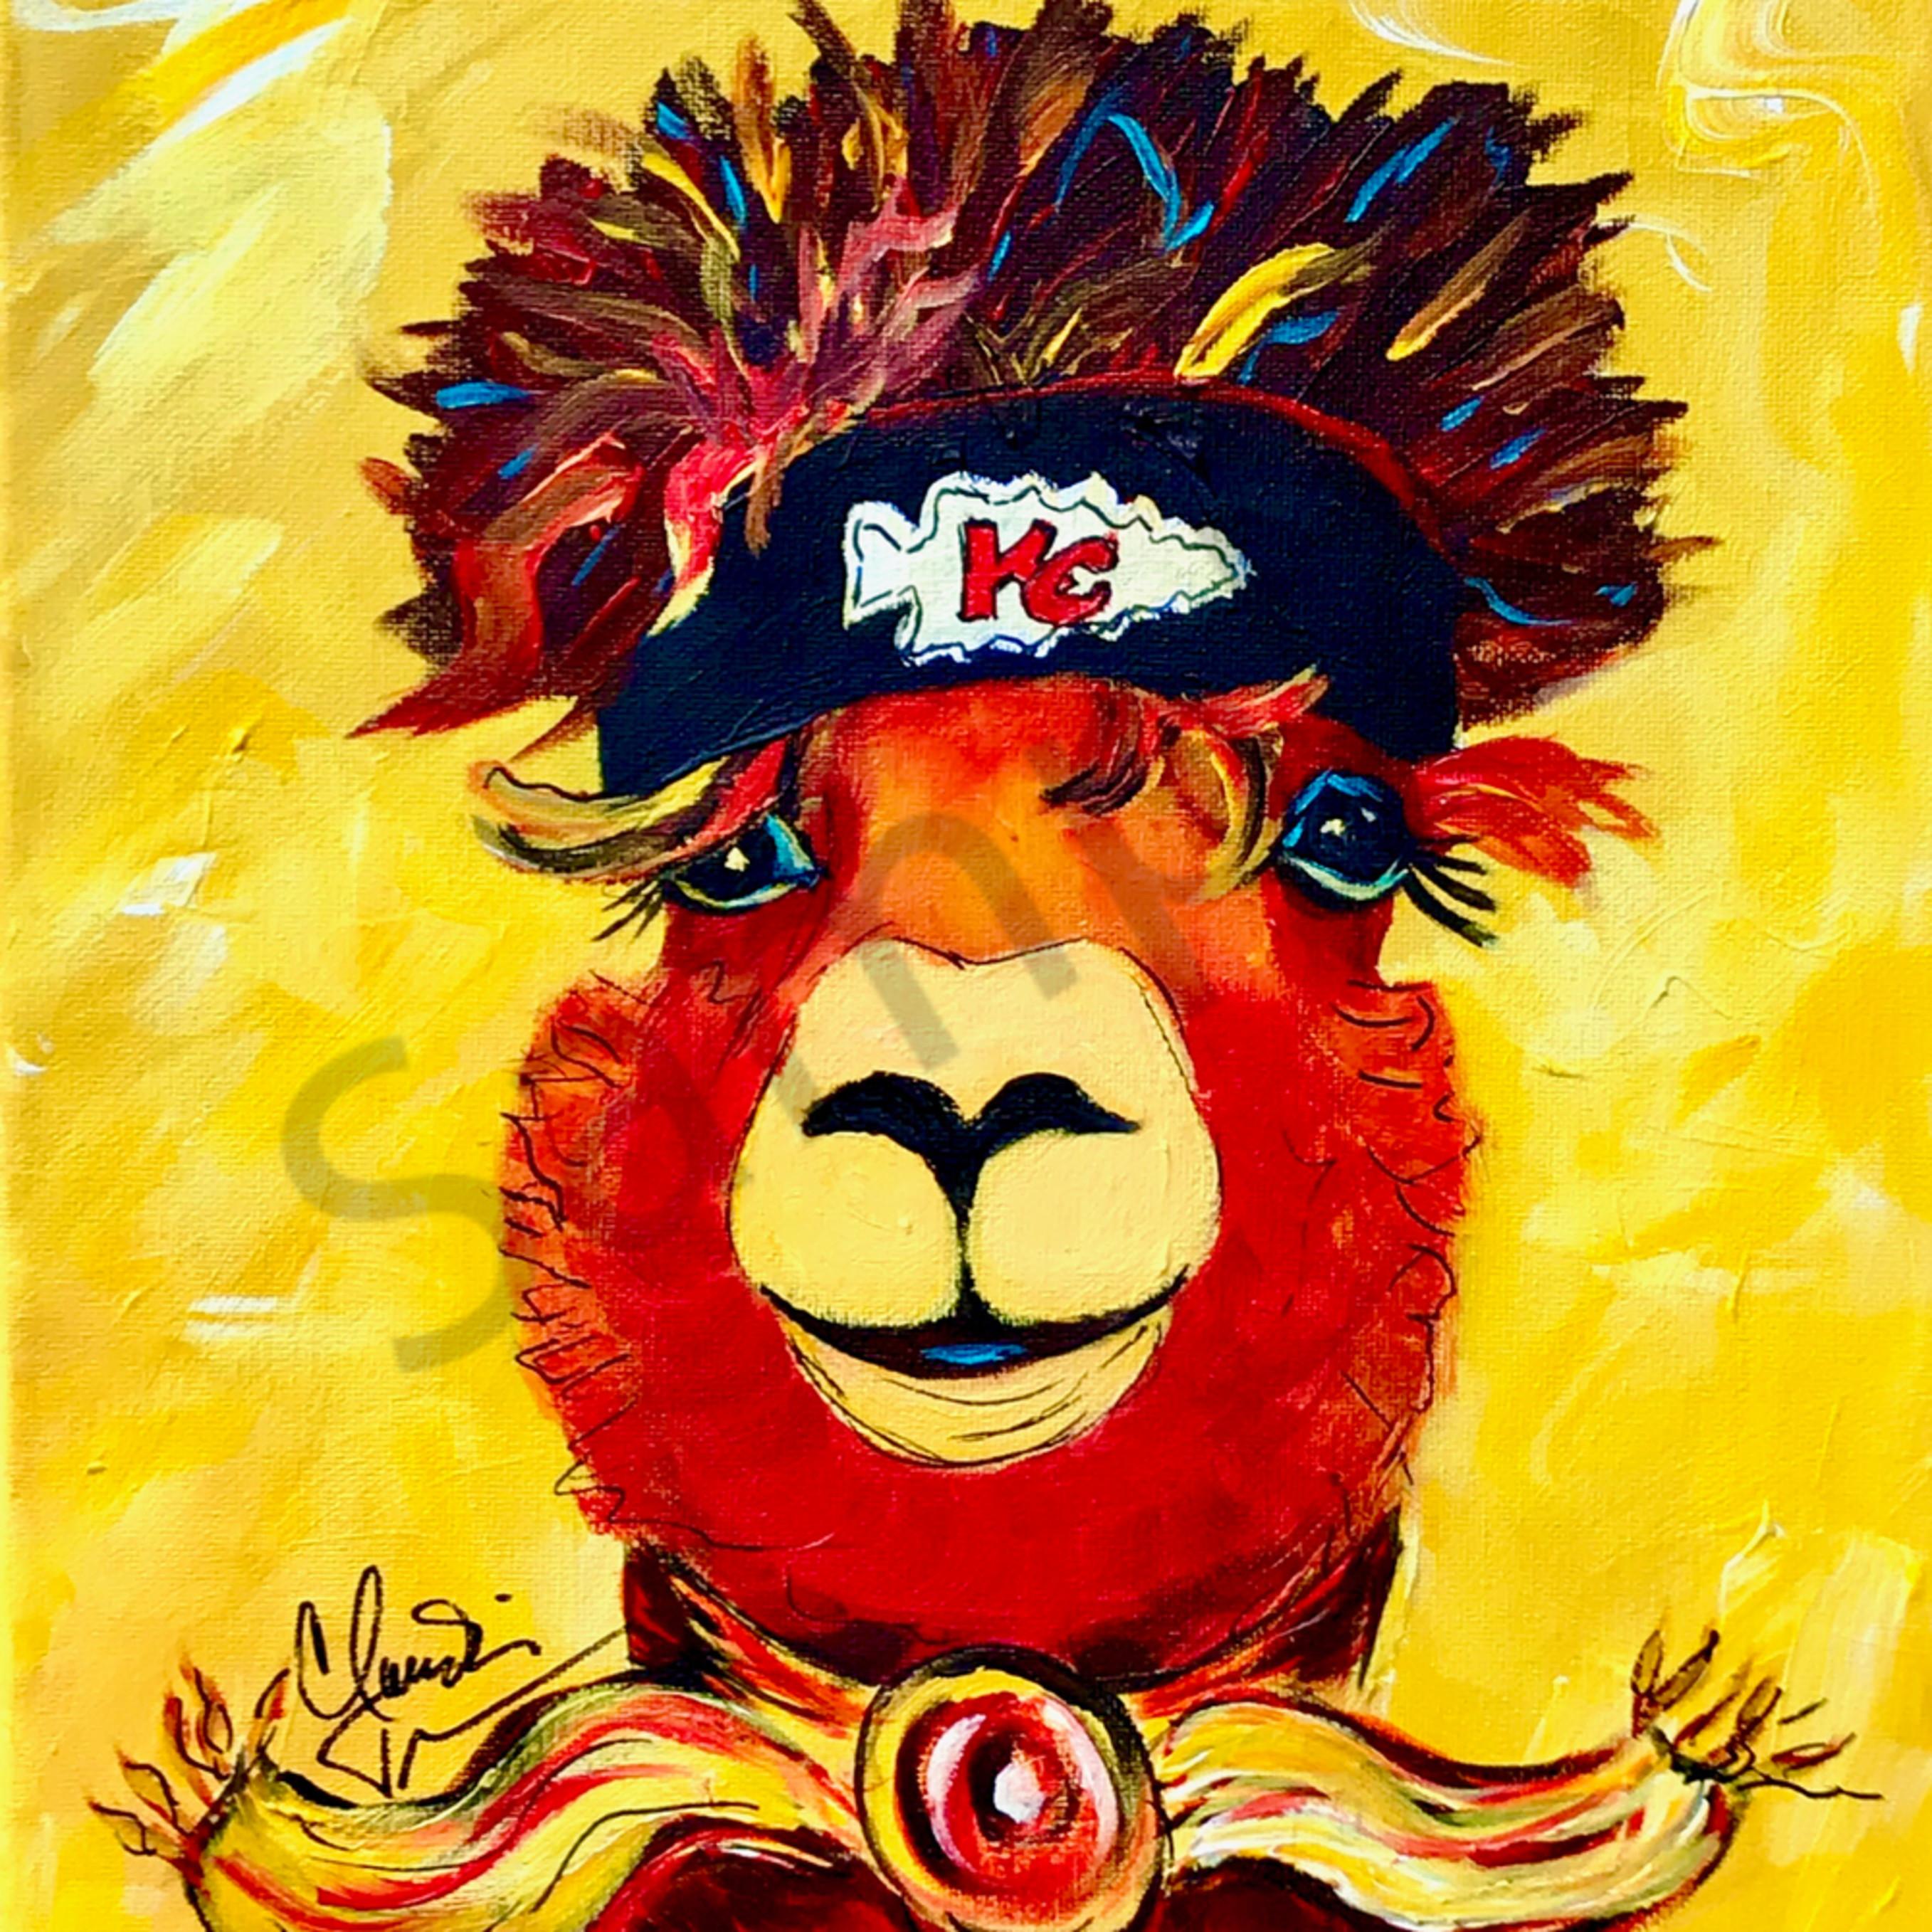 Alpaca chiefs fan m7sp4c